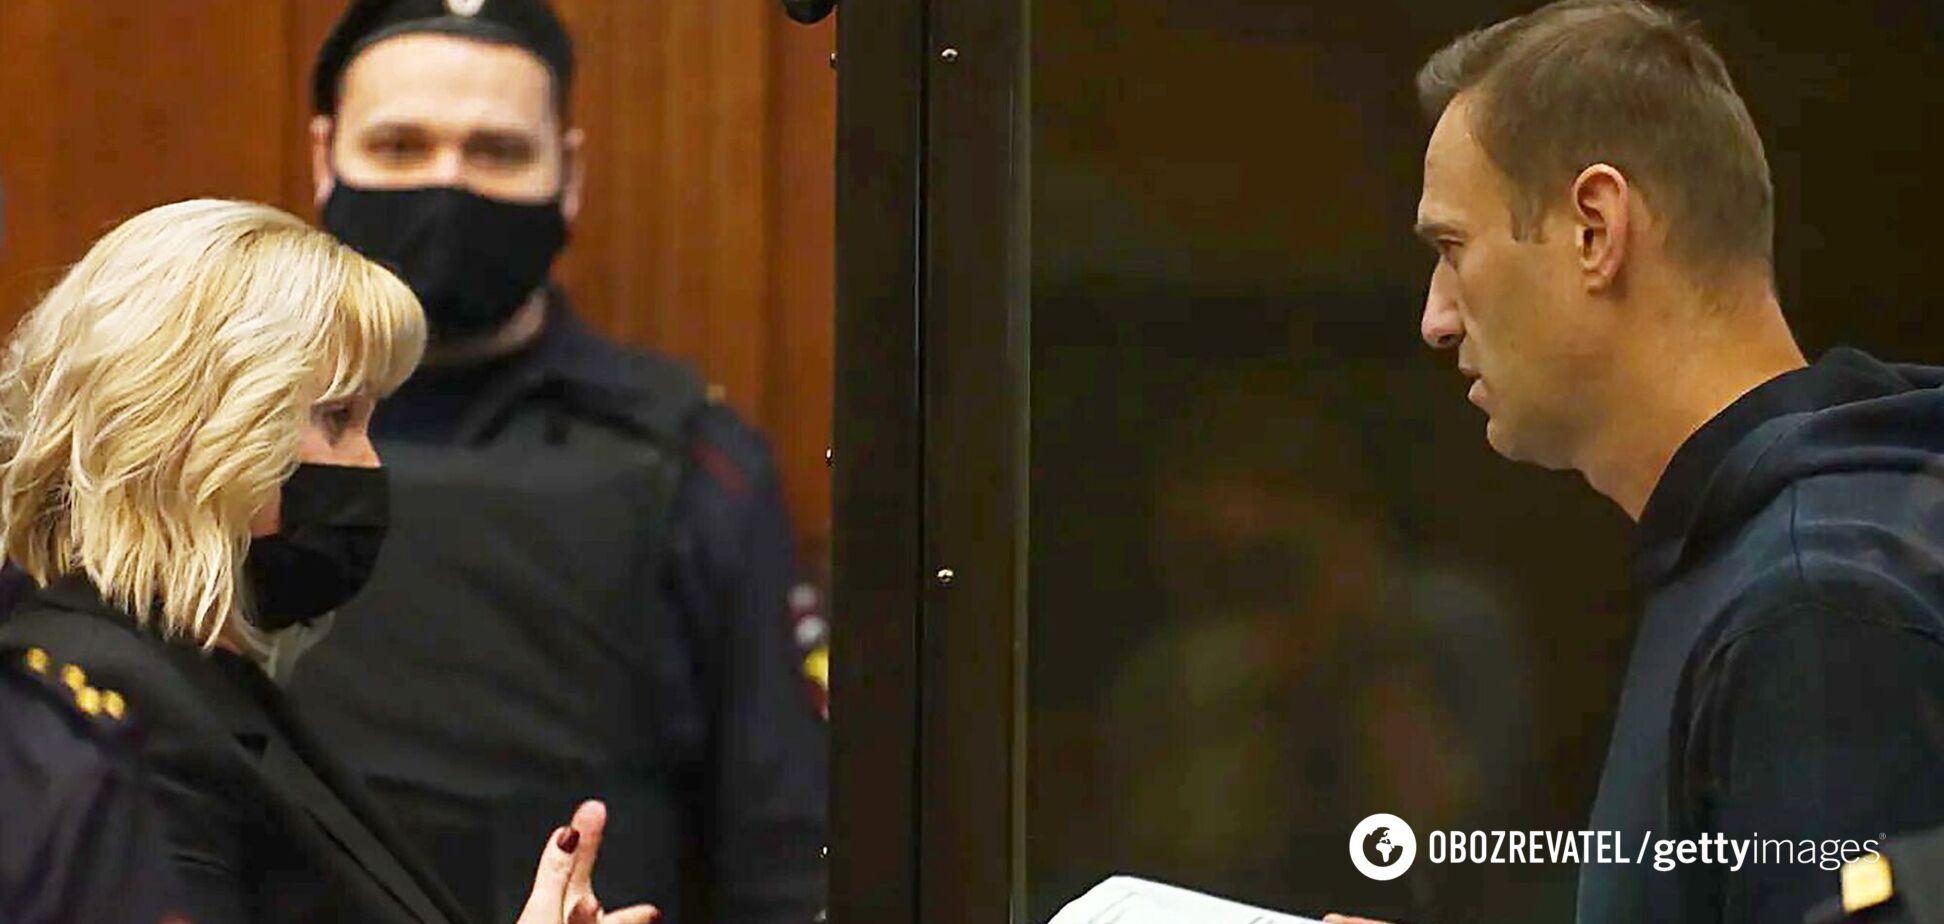 Путіна розлюбили росіяни, або Чому посадили Навального